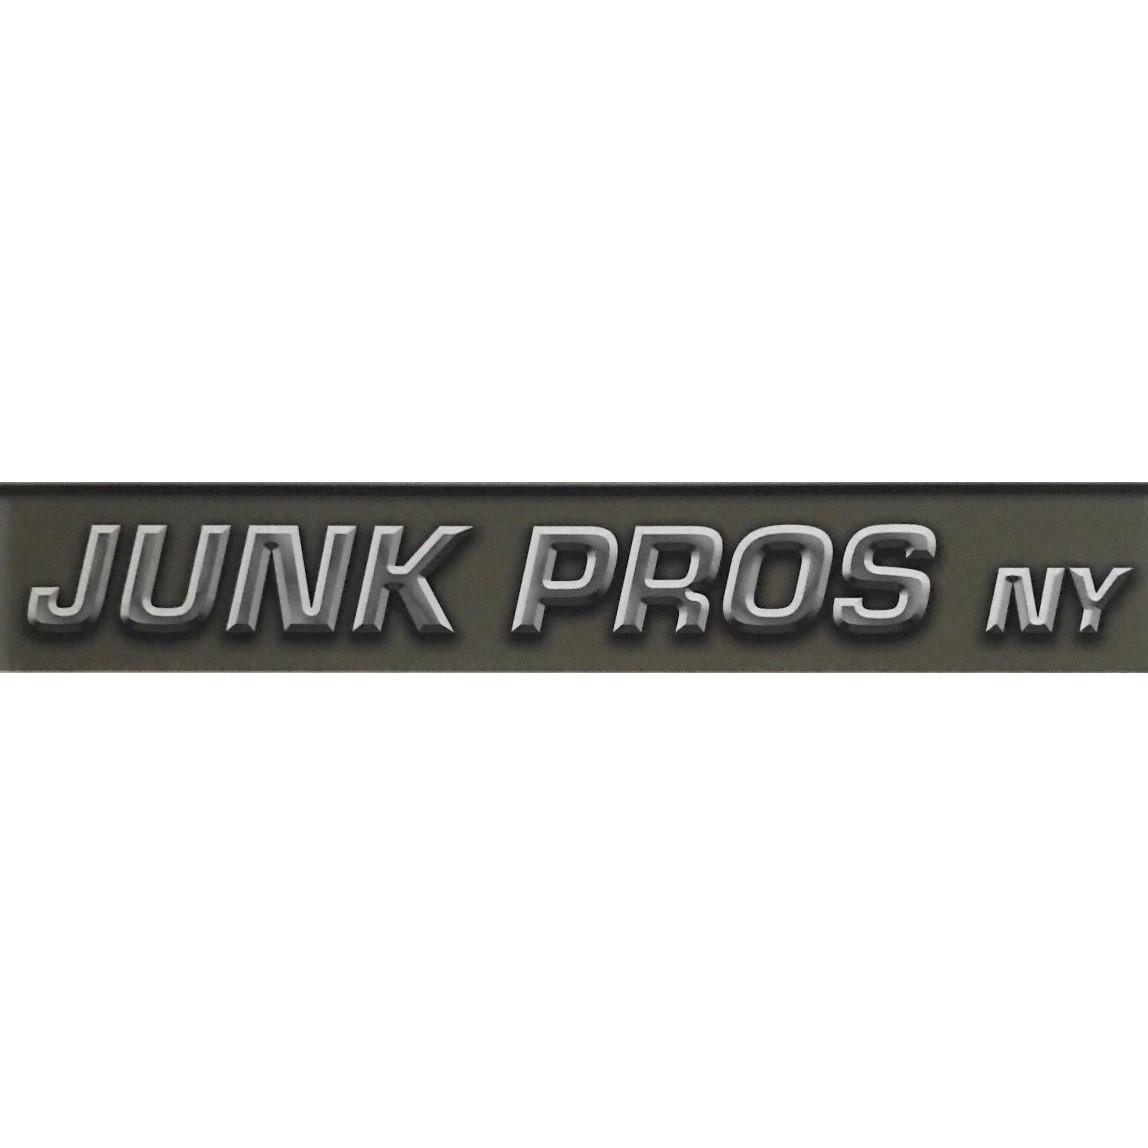 Junk Pros NY